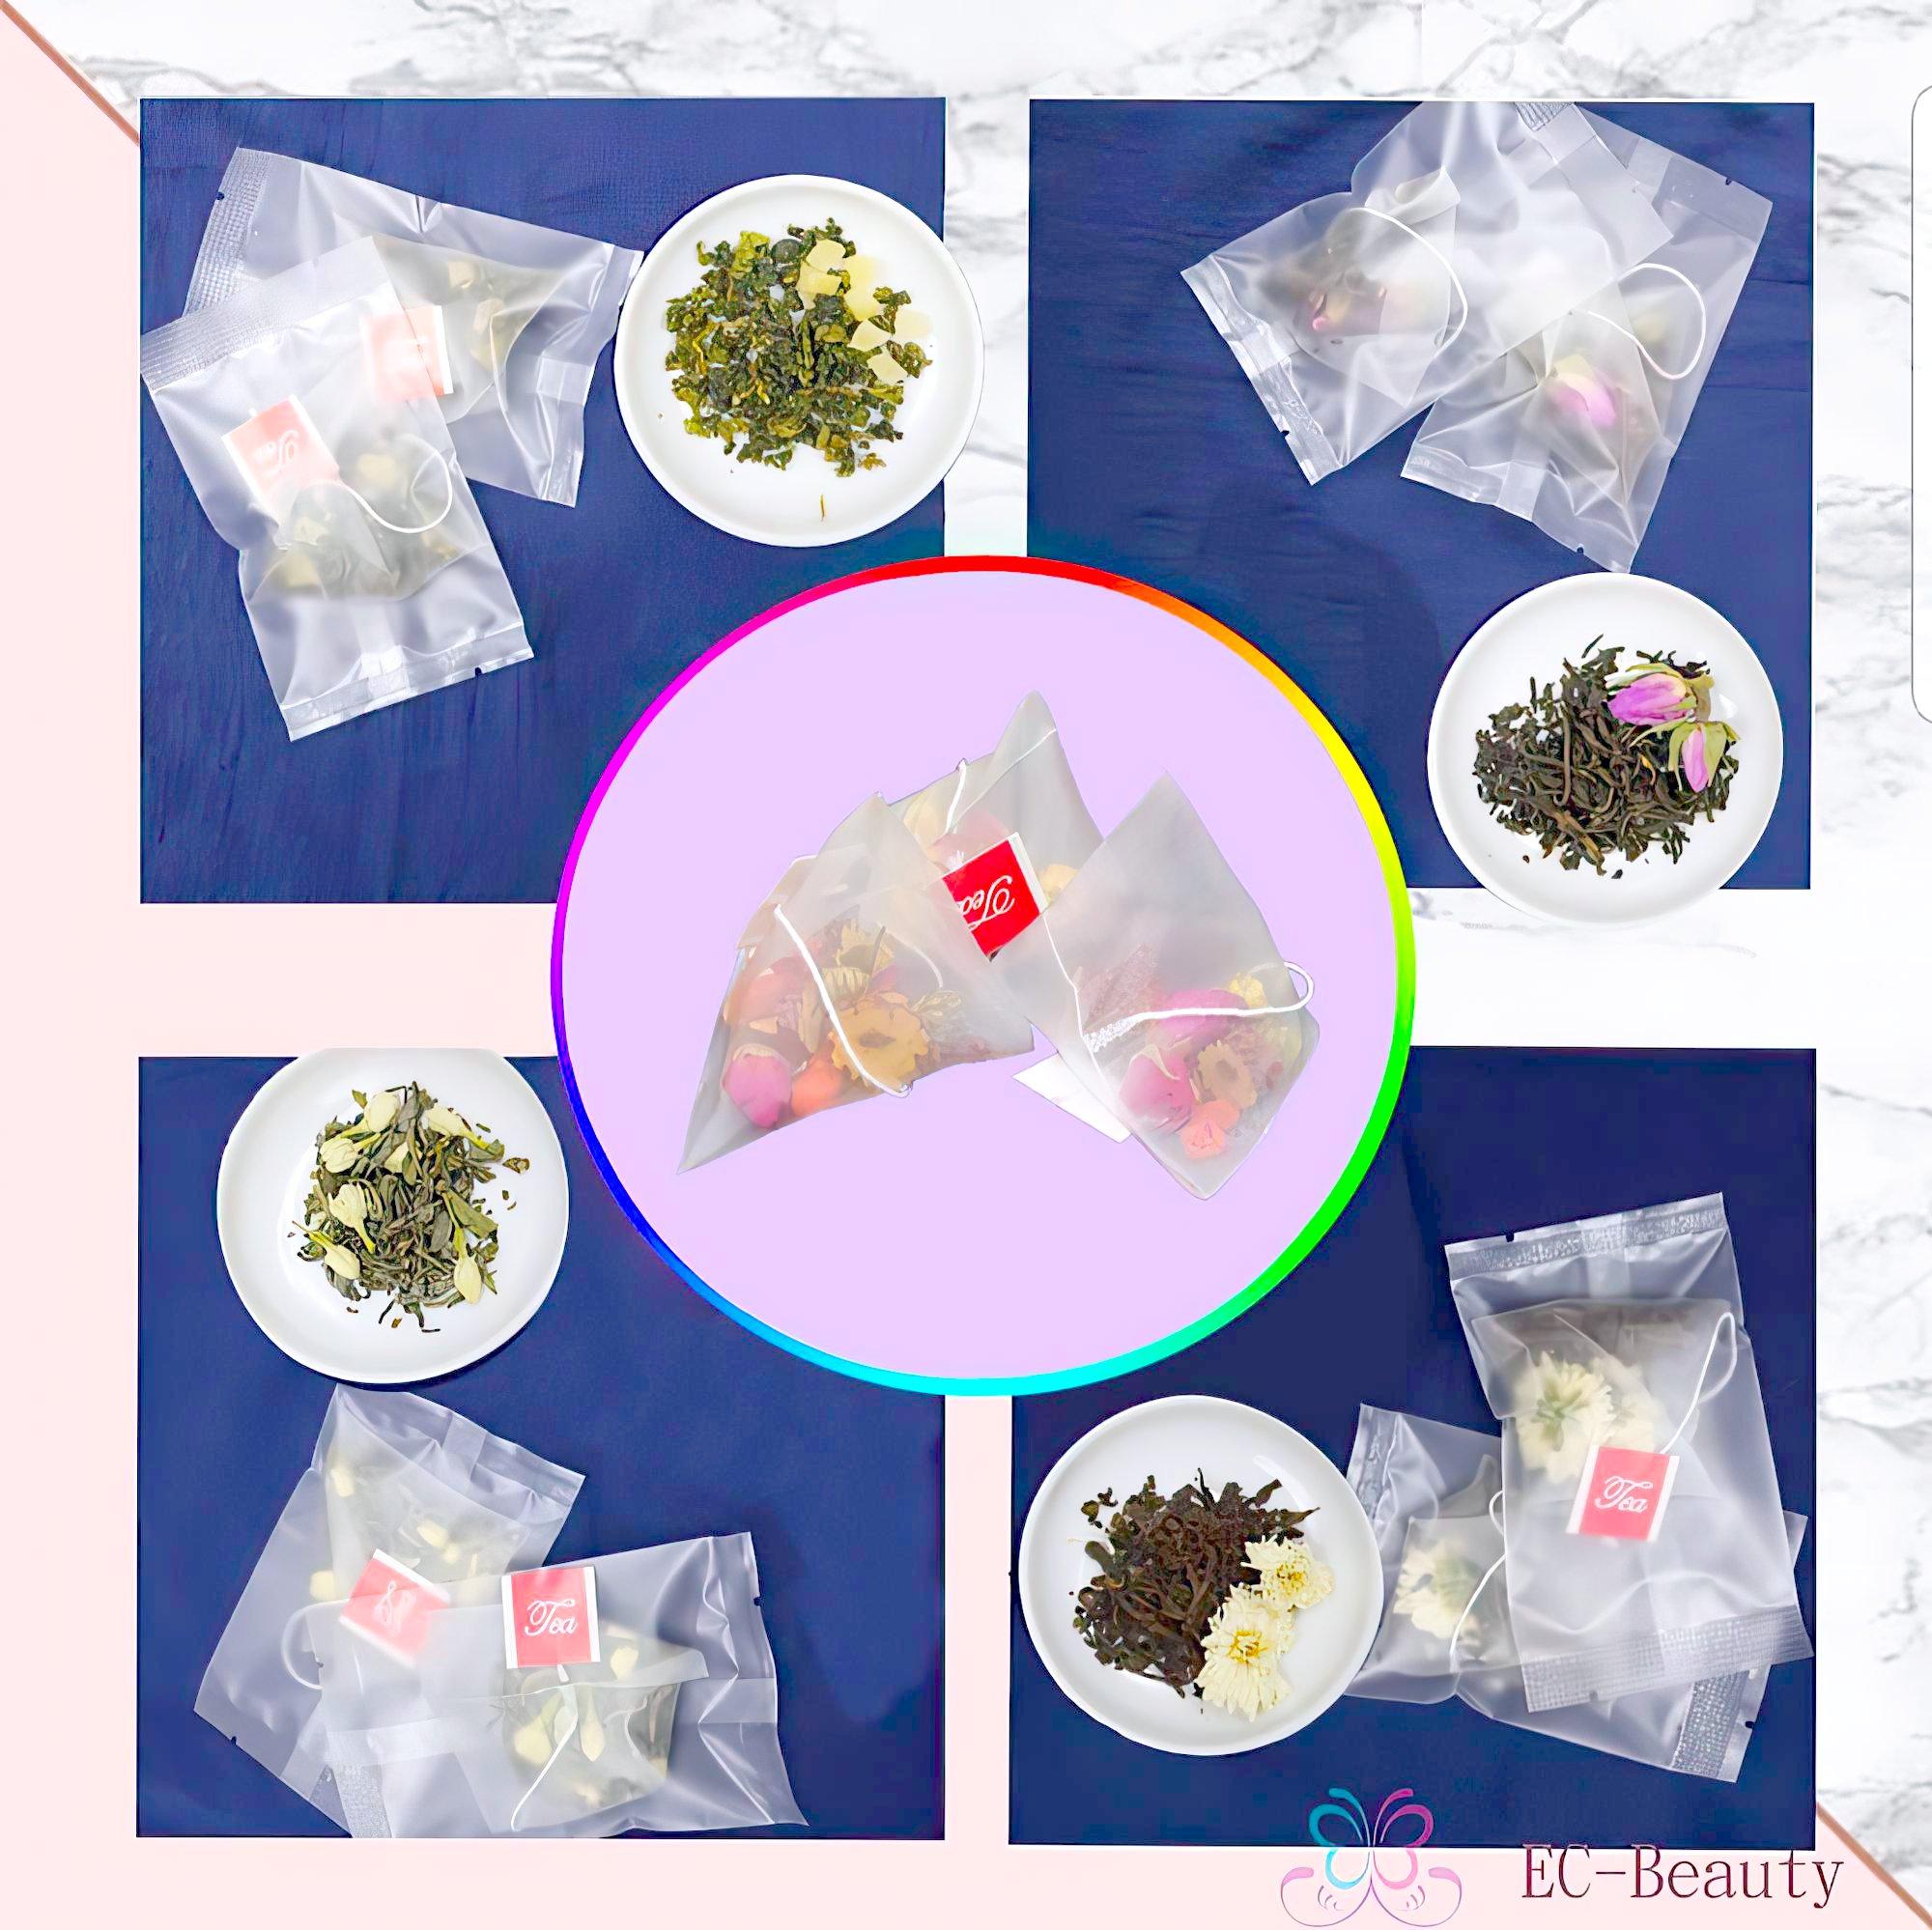 玫瑰四物茶,蜜桃烏龍,菊花普洱,桂花烏龍,玫瑰紅茶